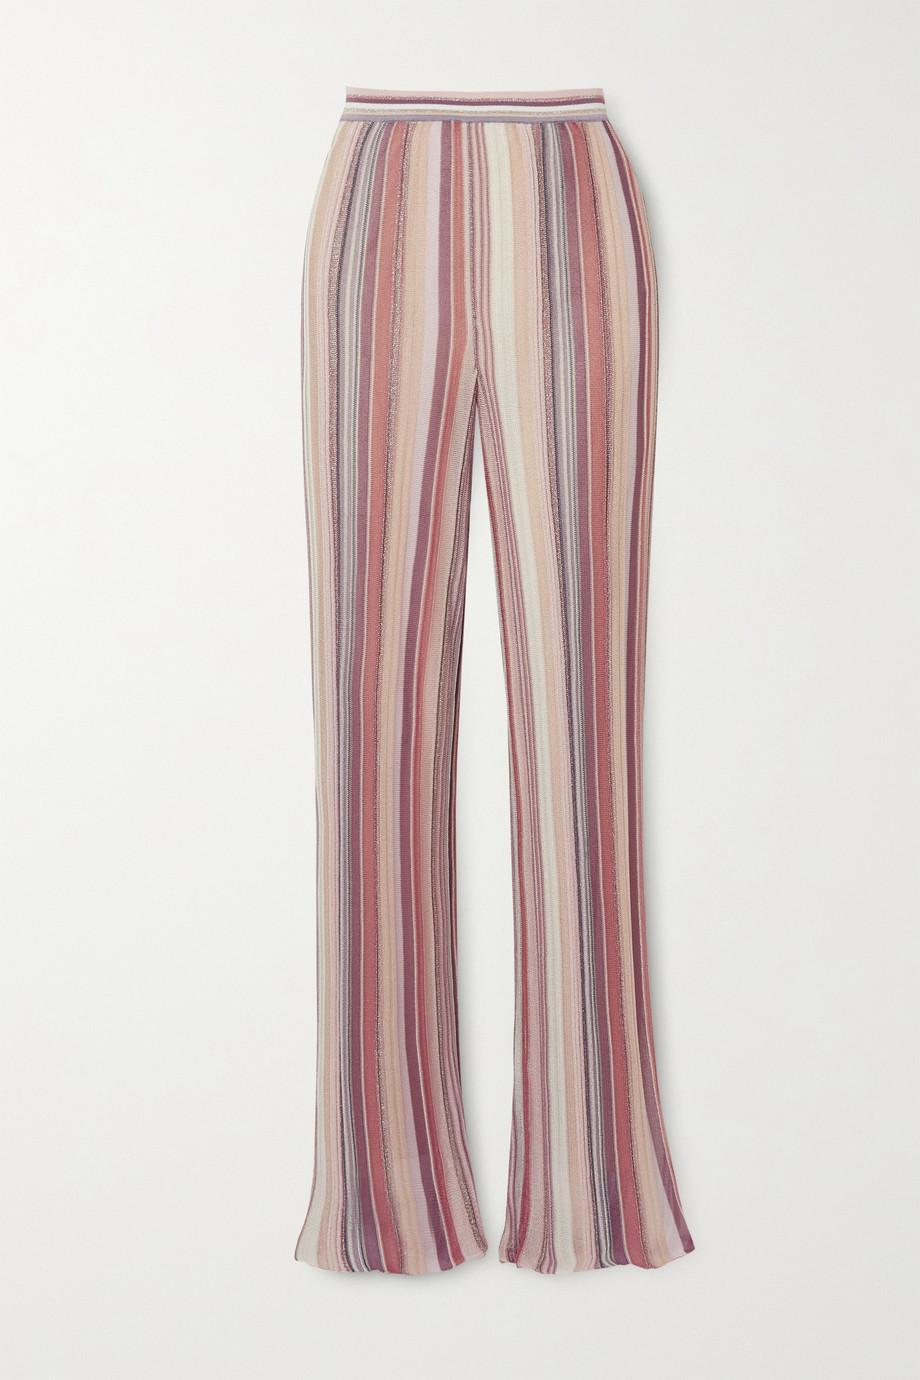 Missoni Hose mit geradem Bein aus gestreiftem Häkelstrick in Metallic-Optik